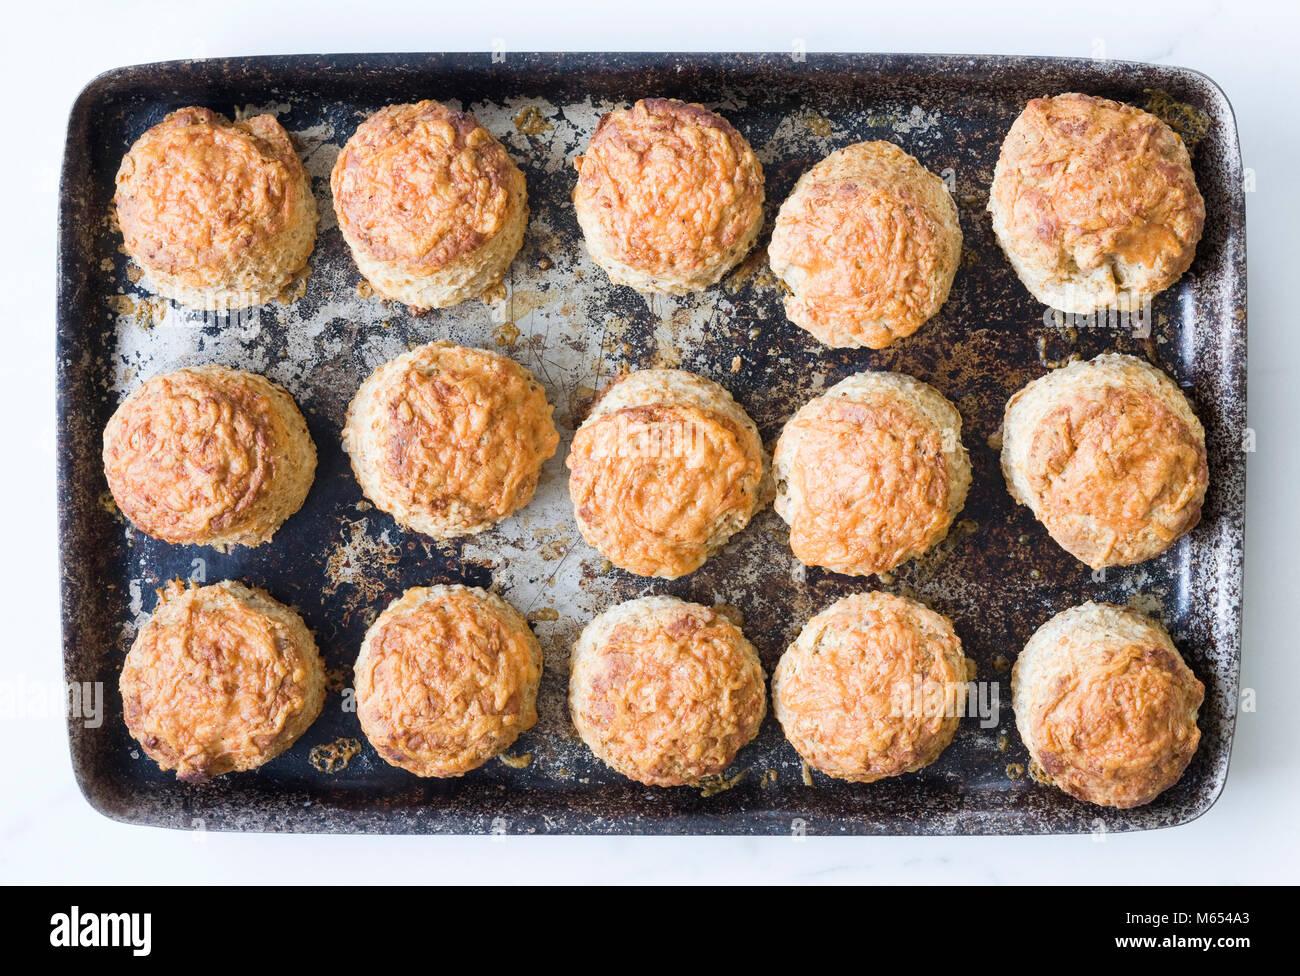 Fromage scones fraîchement cuits sur une plaque de cuisson. Photo Stock